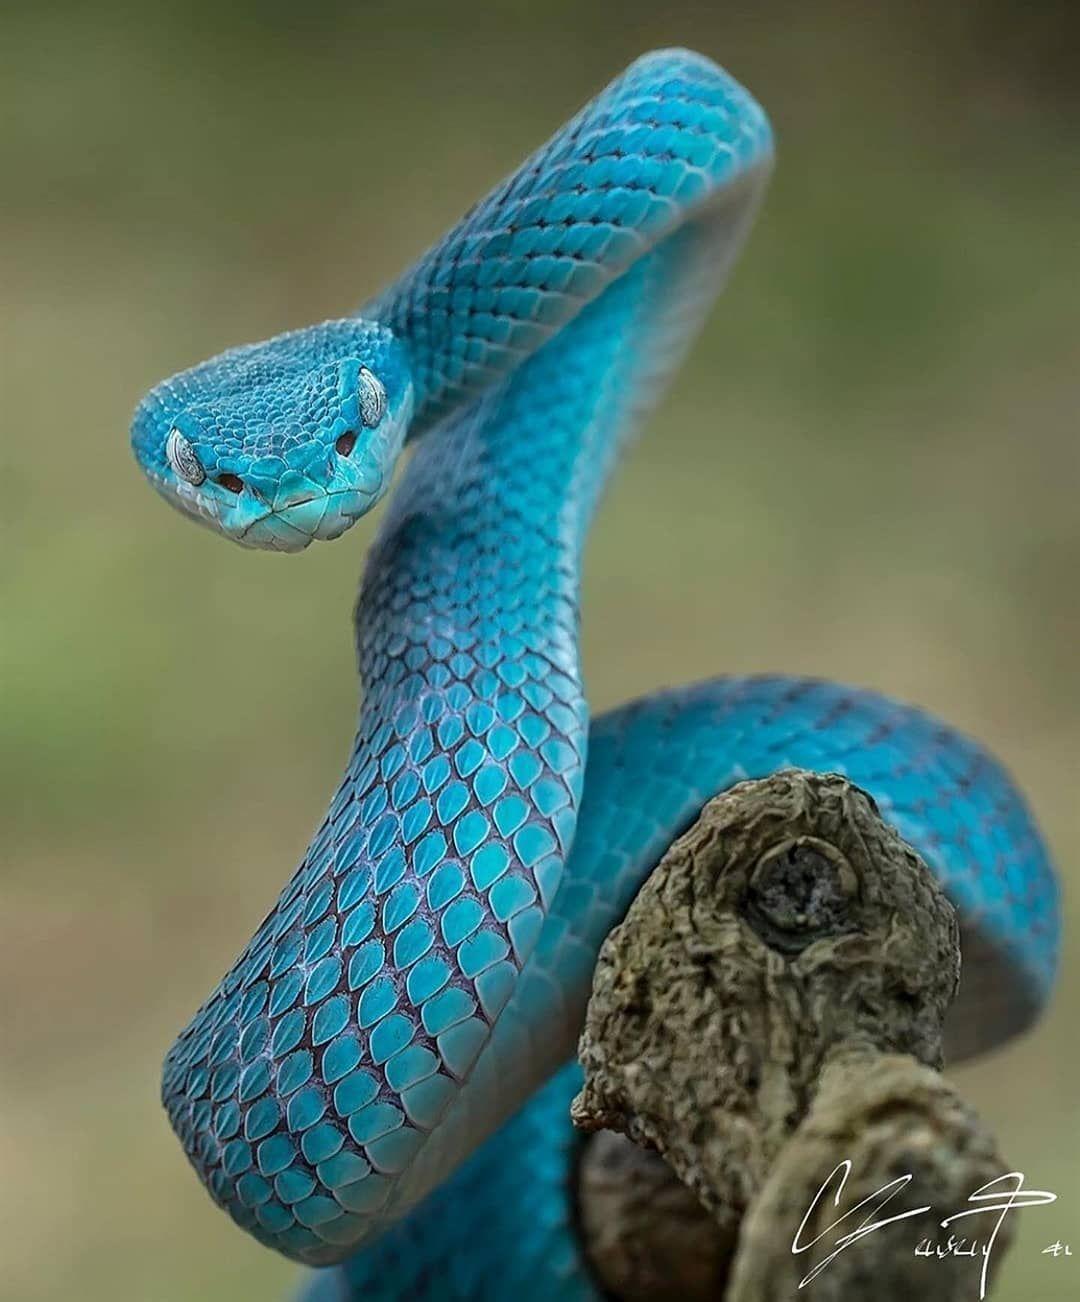 Le Serpent Le Plus Dangereux Du Monde : serpent, dangereux, monde, Animaux, Dangereux, Monde, L'Homme, Animaux,, Photos, Serpent,, Vipère